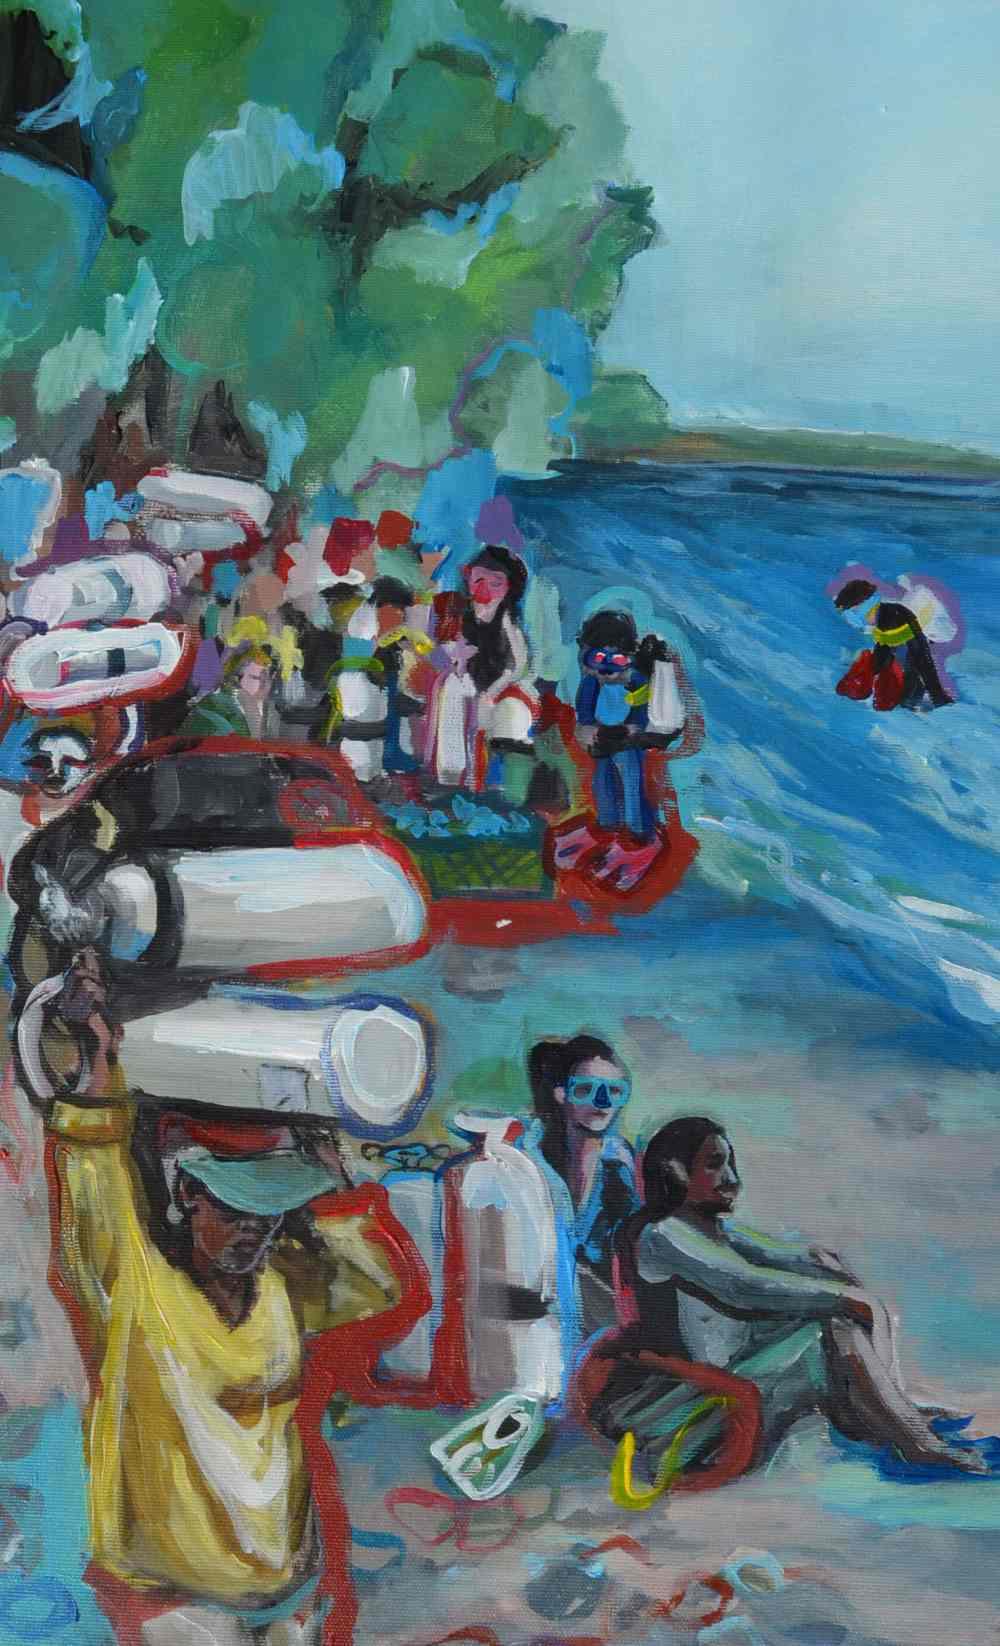 Buzos (detalle). Serie Bali. Acrílico sobre lienzo. 83,5 x 65 cm. 2019.